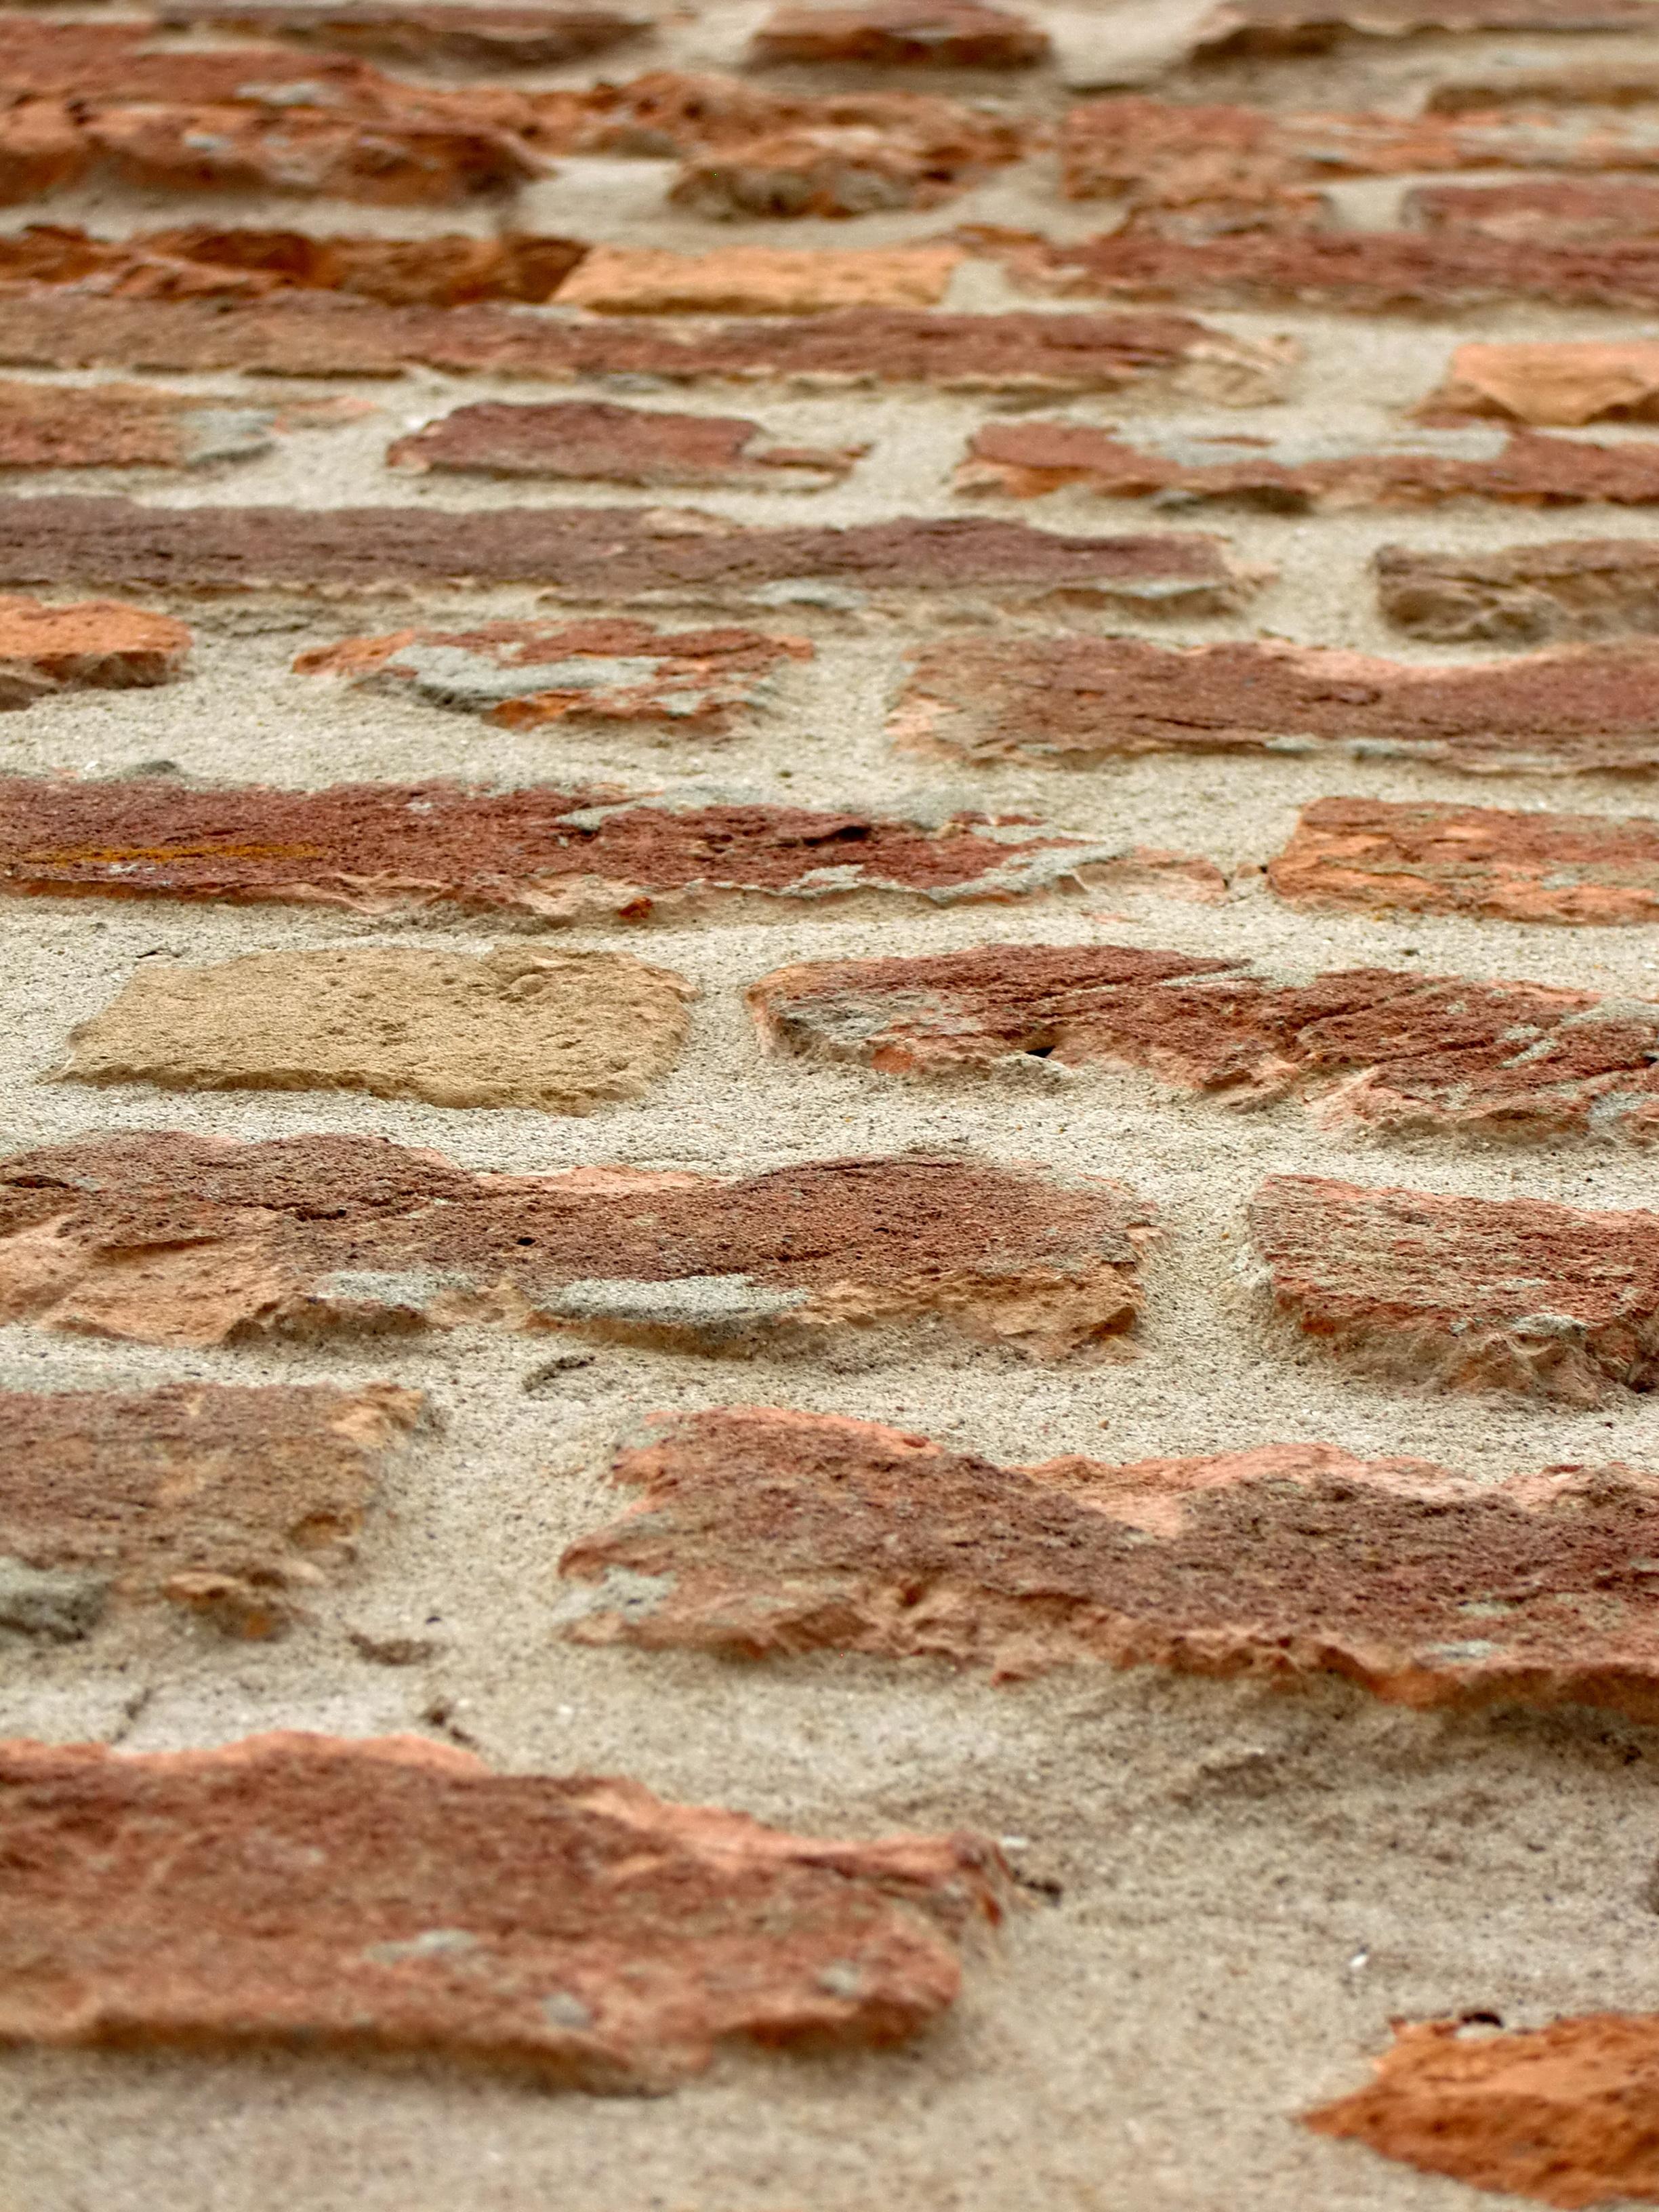 fotos gratis rock textura piso antiguo patrn suelo fachada material pared de ladrillo piedras madera dura ladrillos valores albailera